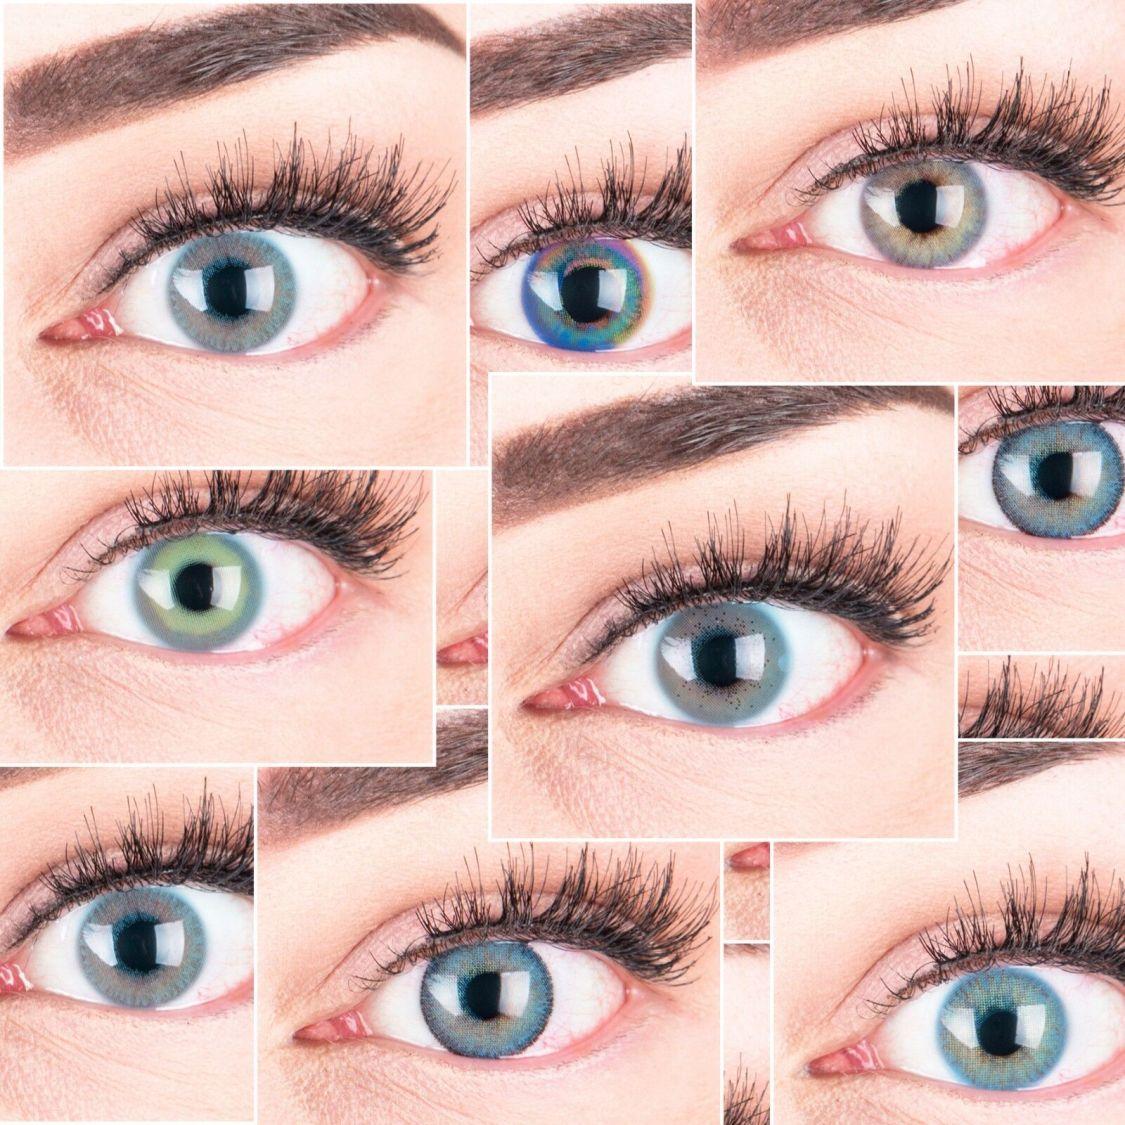 Farbige blaue Kontaktlinsen 3 Monatslinsen mit / ohne Stärke deckend natürlich